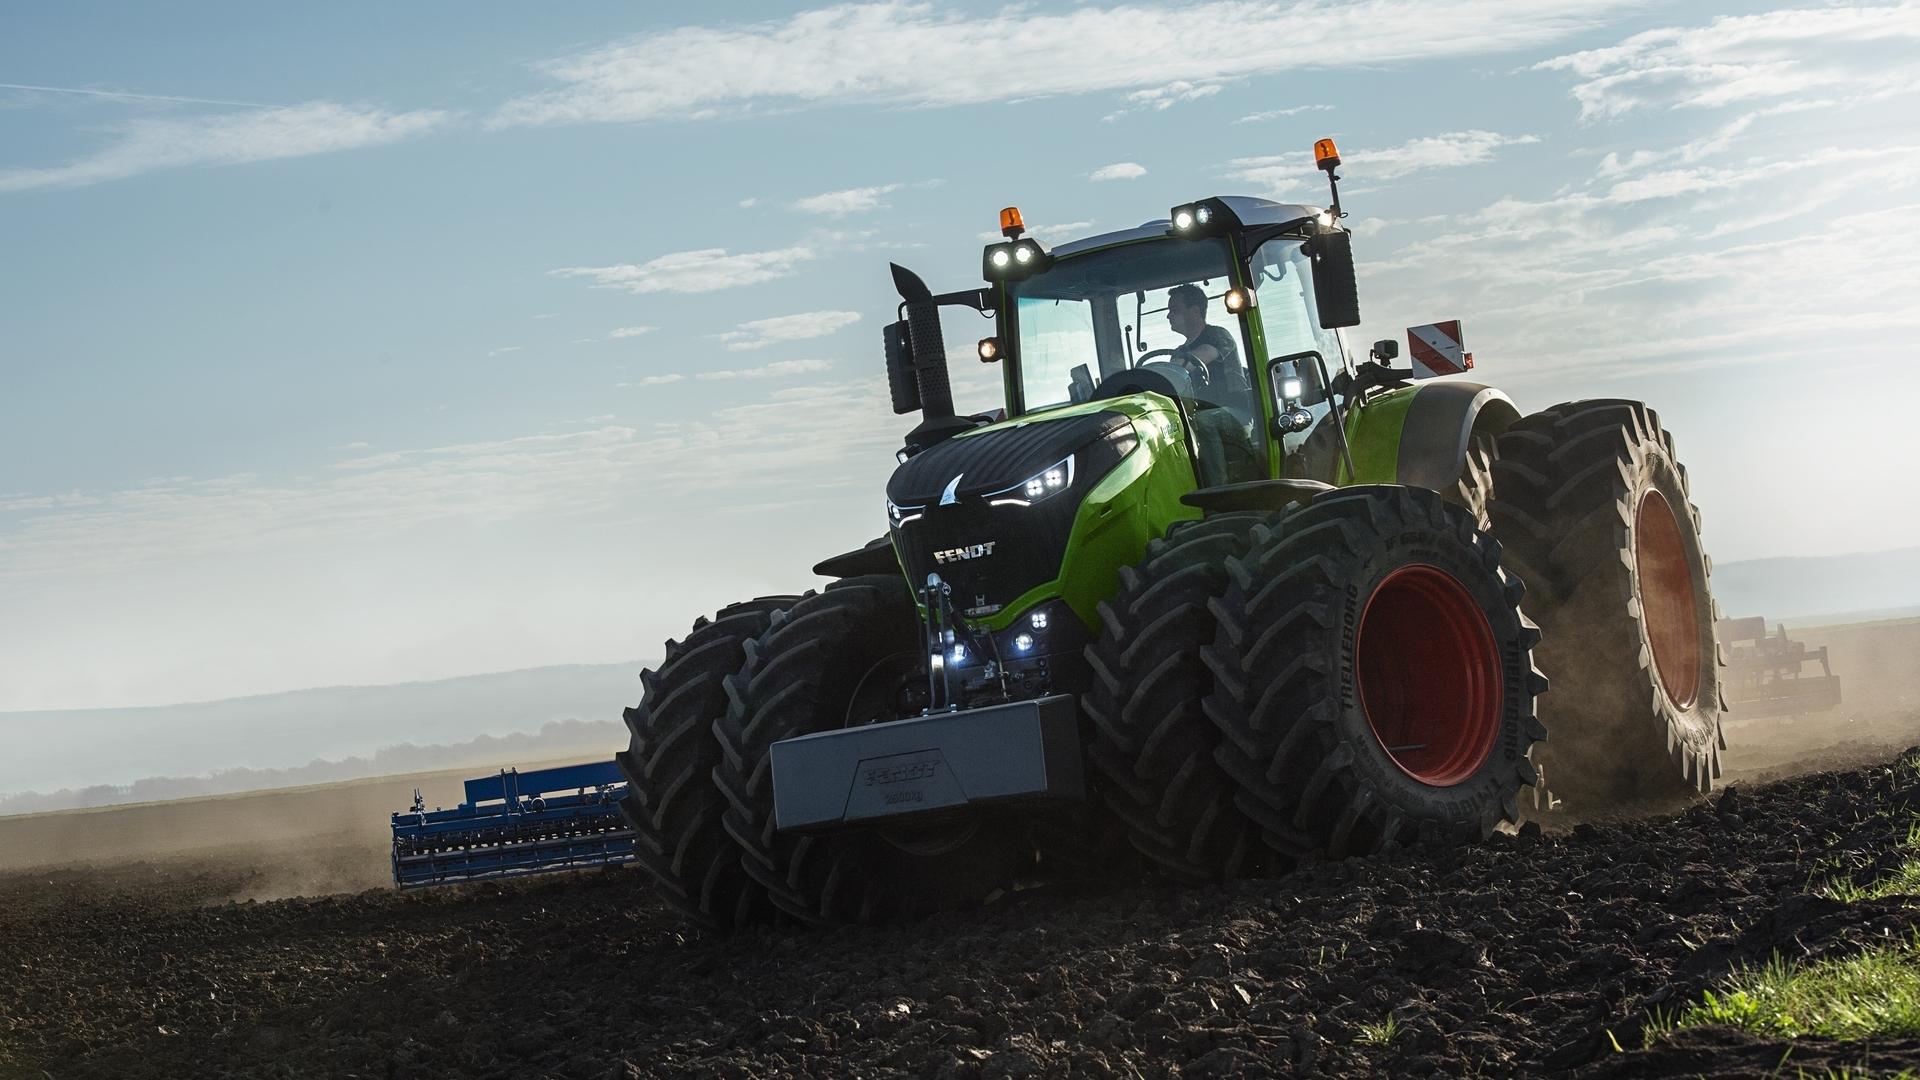 Fendt 1000 Series Tractors Maple Lane Farm Service